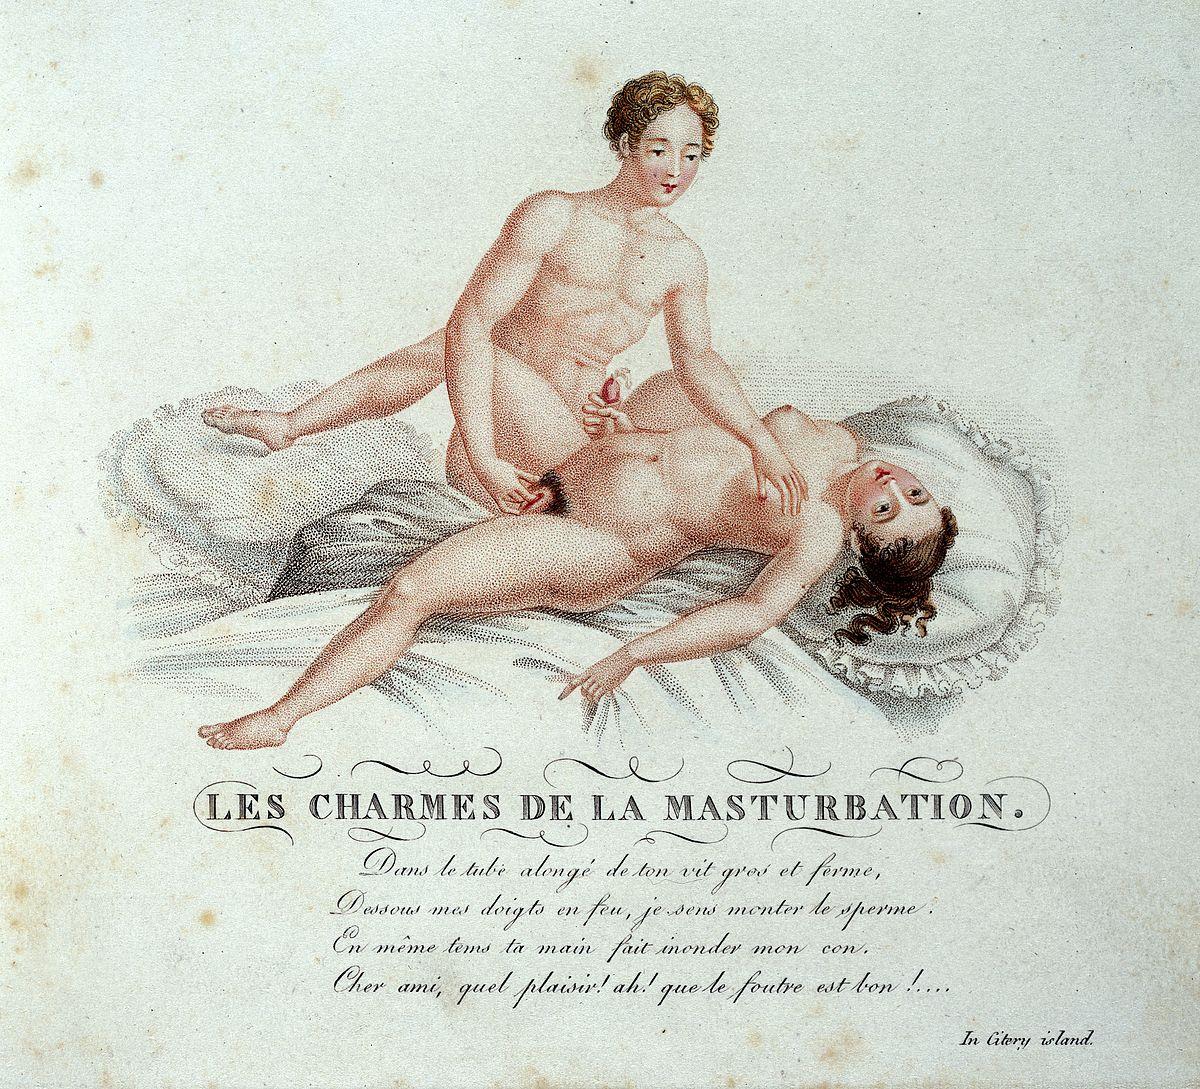 A 3 leggyakoribb szexkérdés a női ejakulációról (18+) - Nő és férfi | Femina